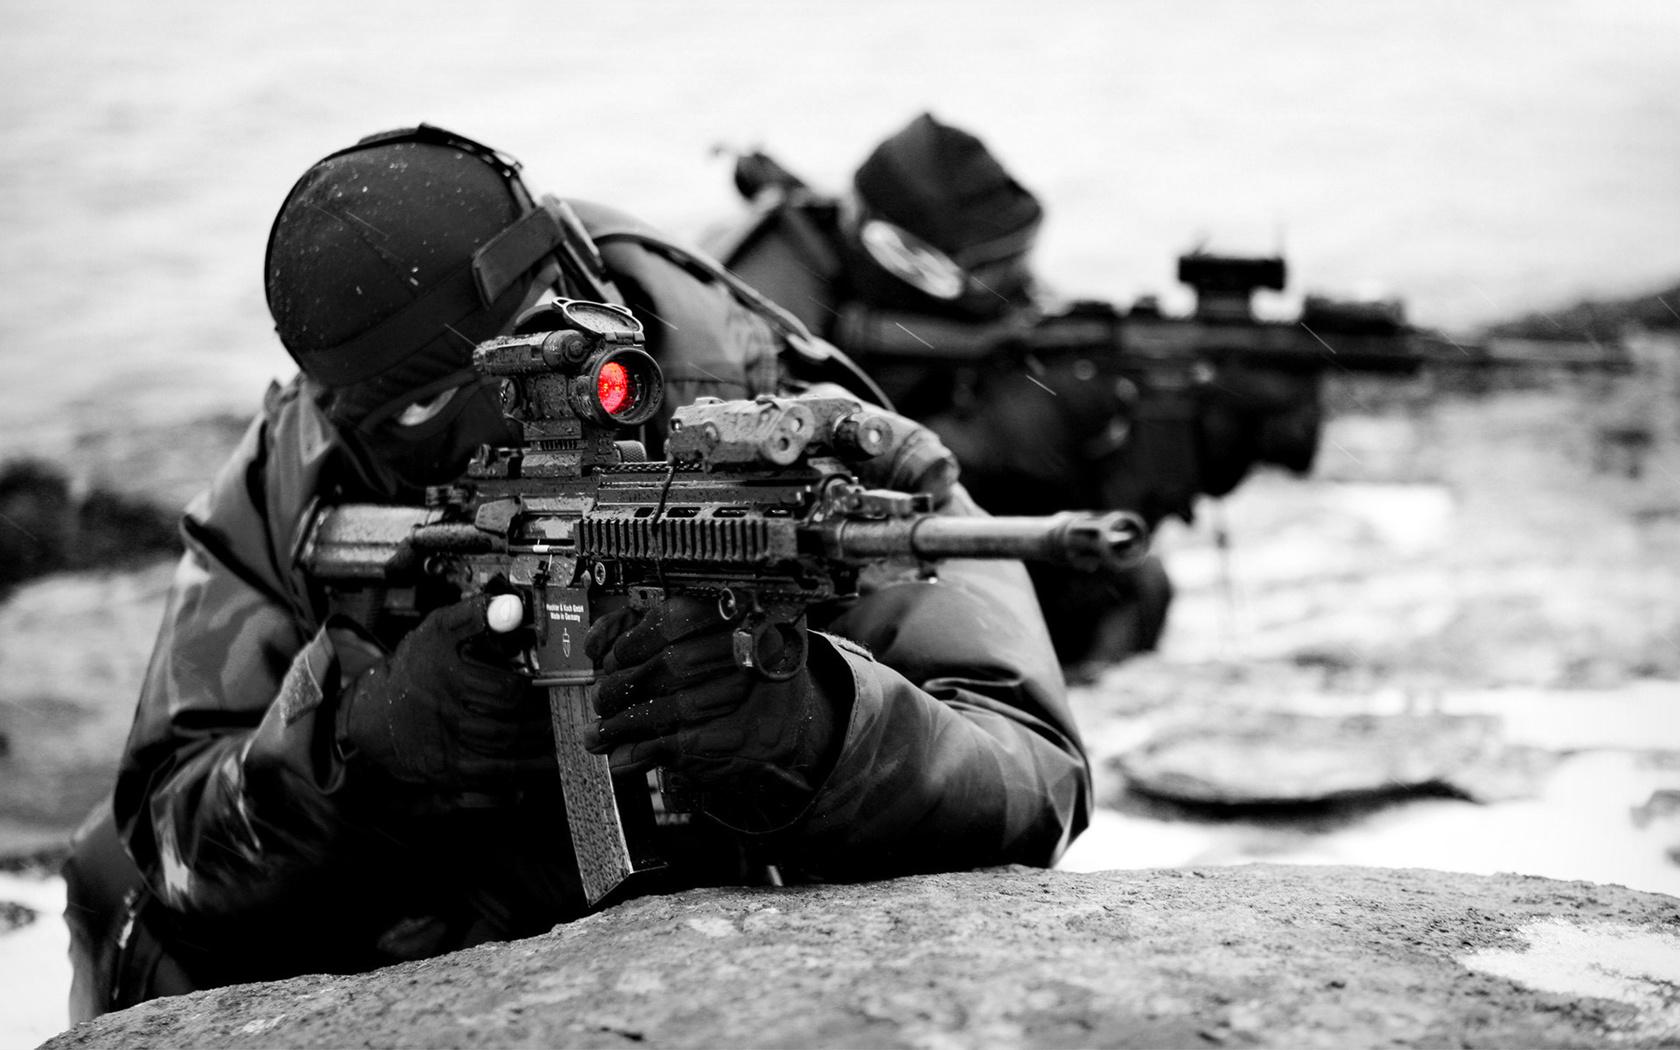 Солдаты, военные, спецназ, оружие